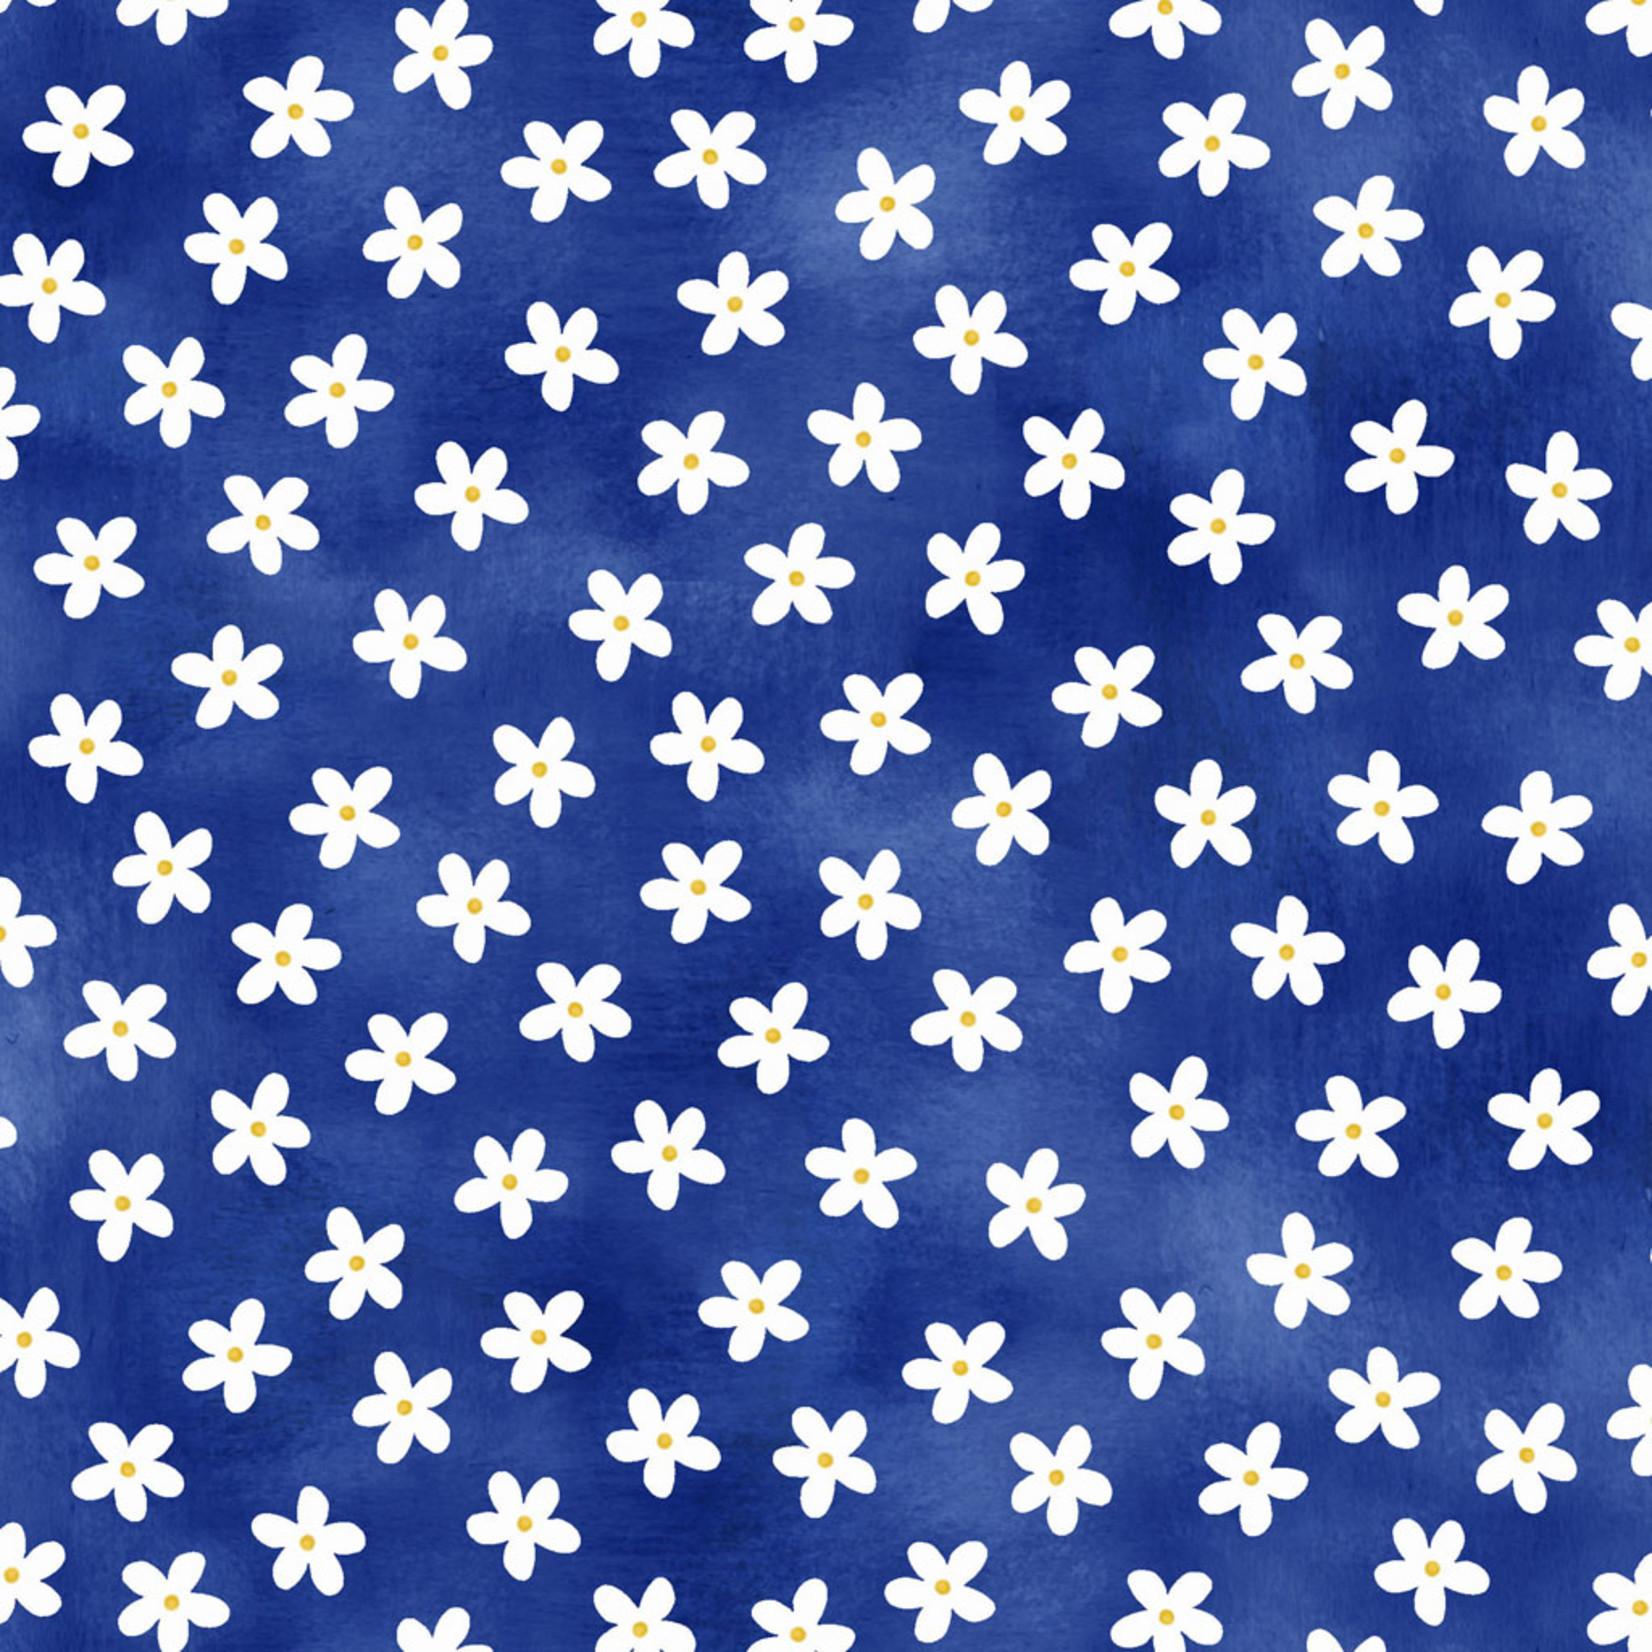 P&B Textiles Hot Dog - Witte Bloemen - Blue